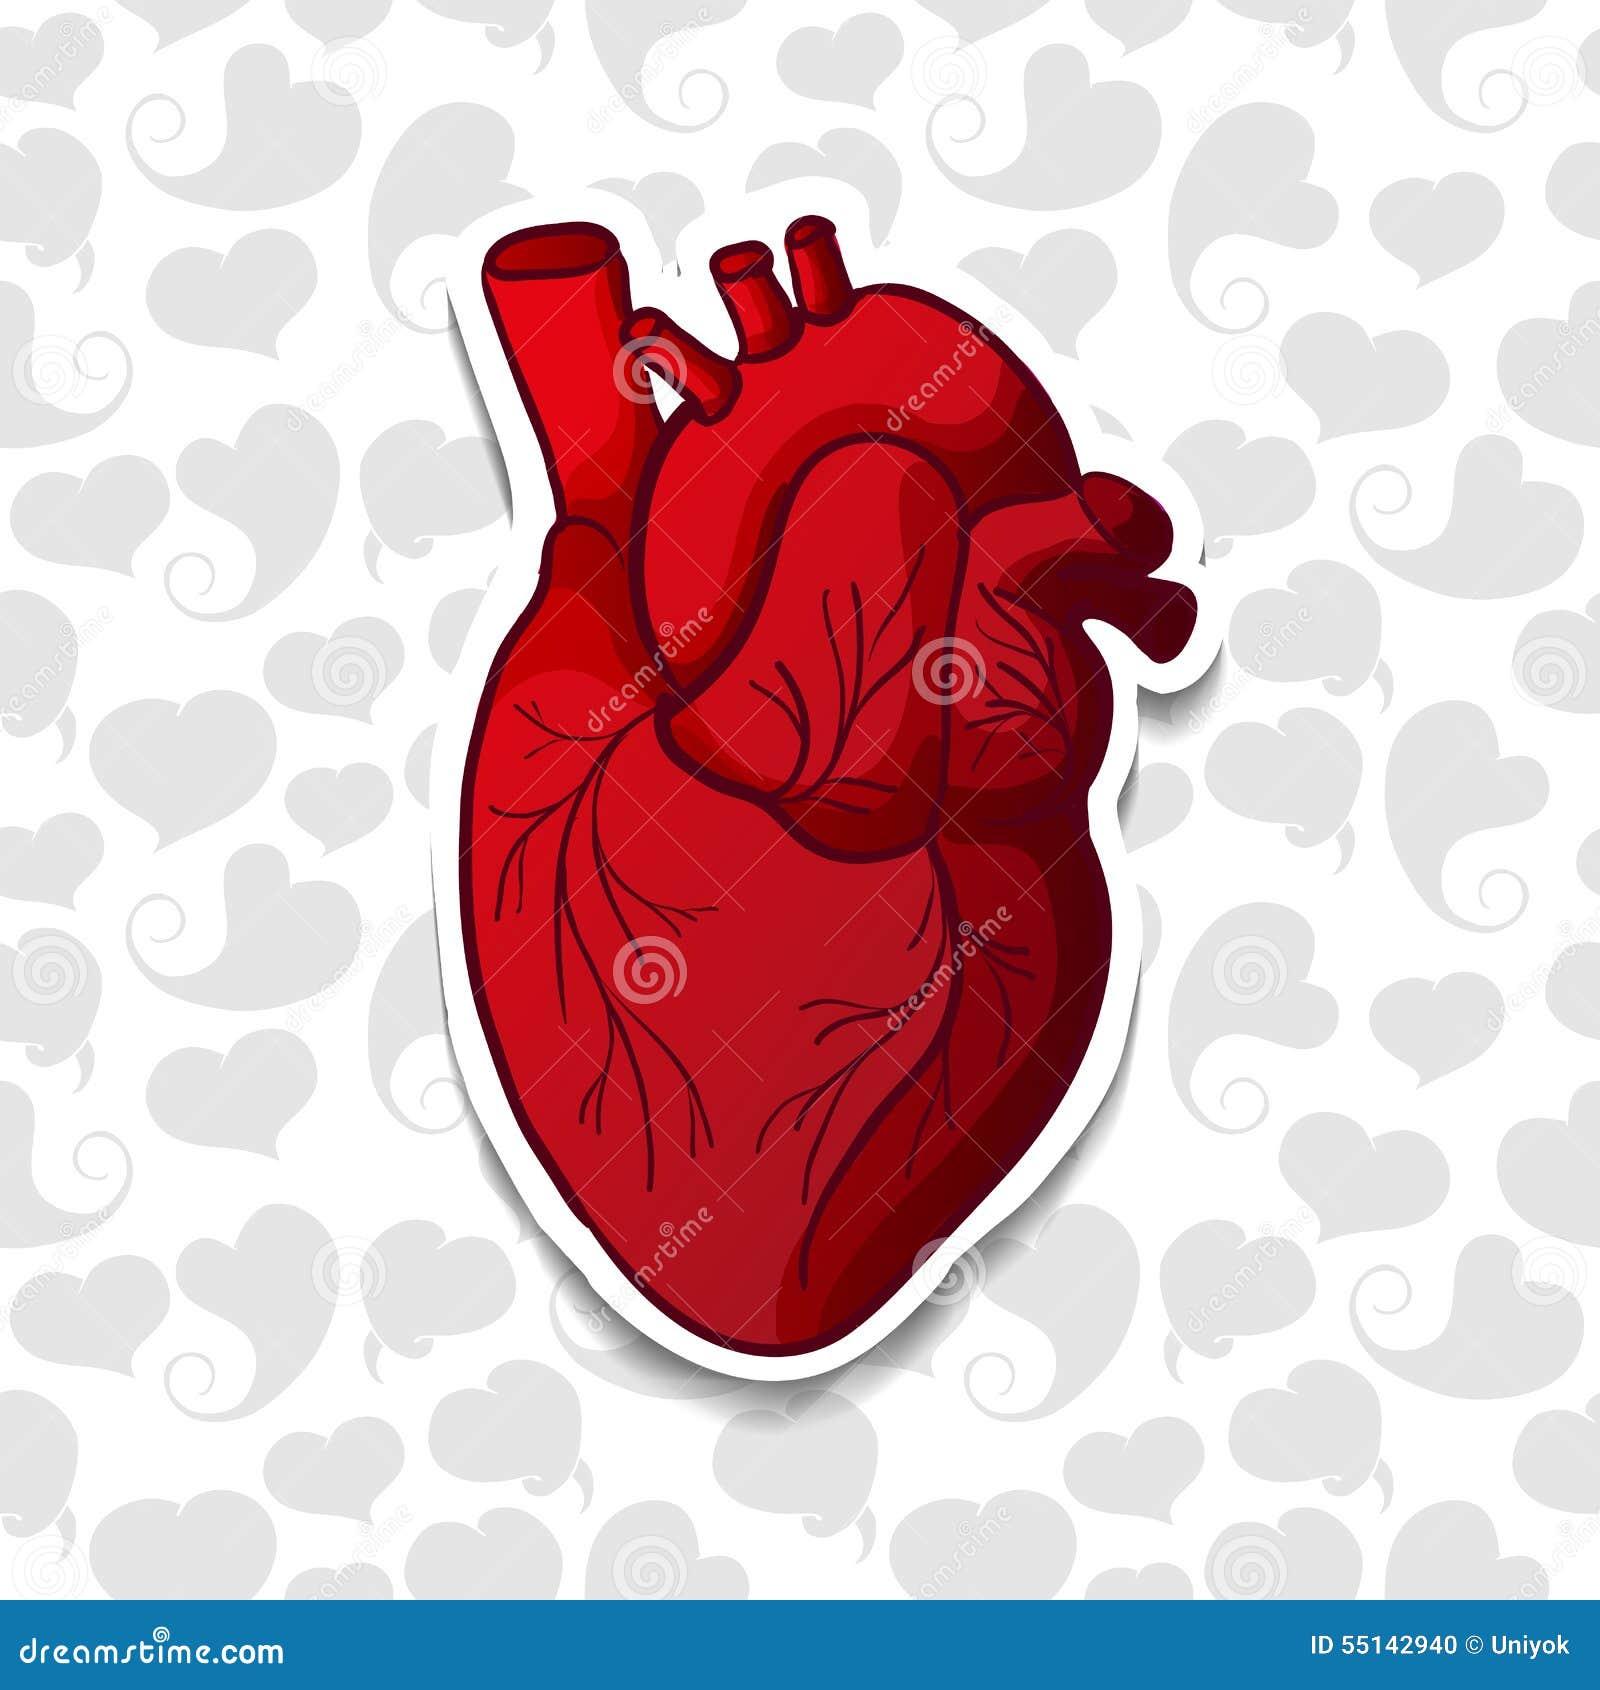 Dessin du coeur humain sur le mod le de fond de - Dessin du coeur humain ...